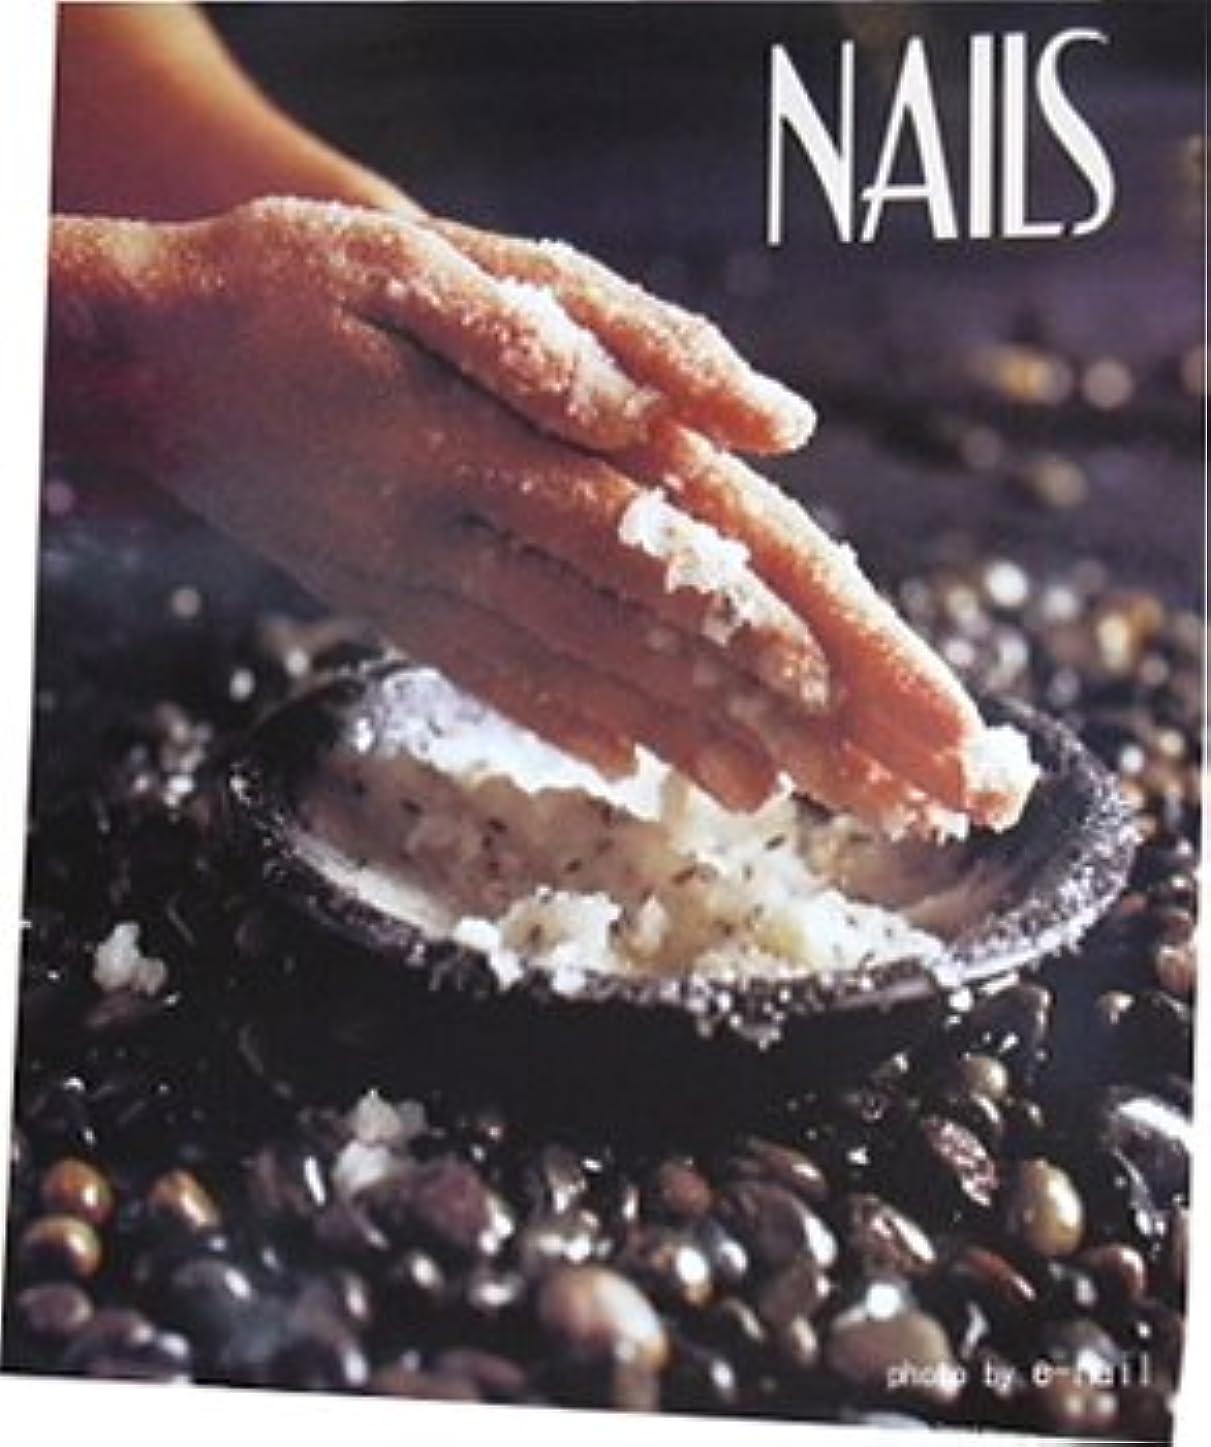 ひらめきできる機知に富んだNAILS ポスター 【Salt scrub, Anyone?】